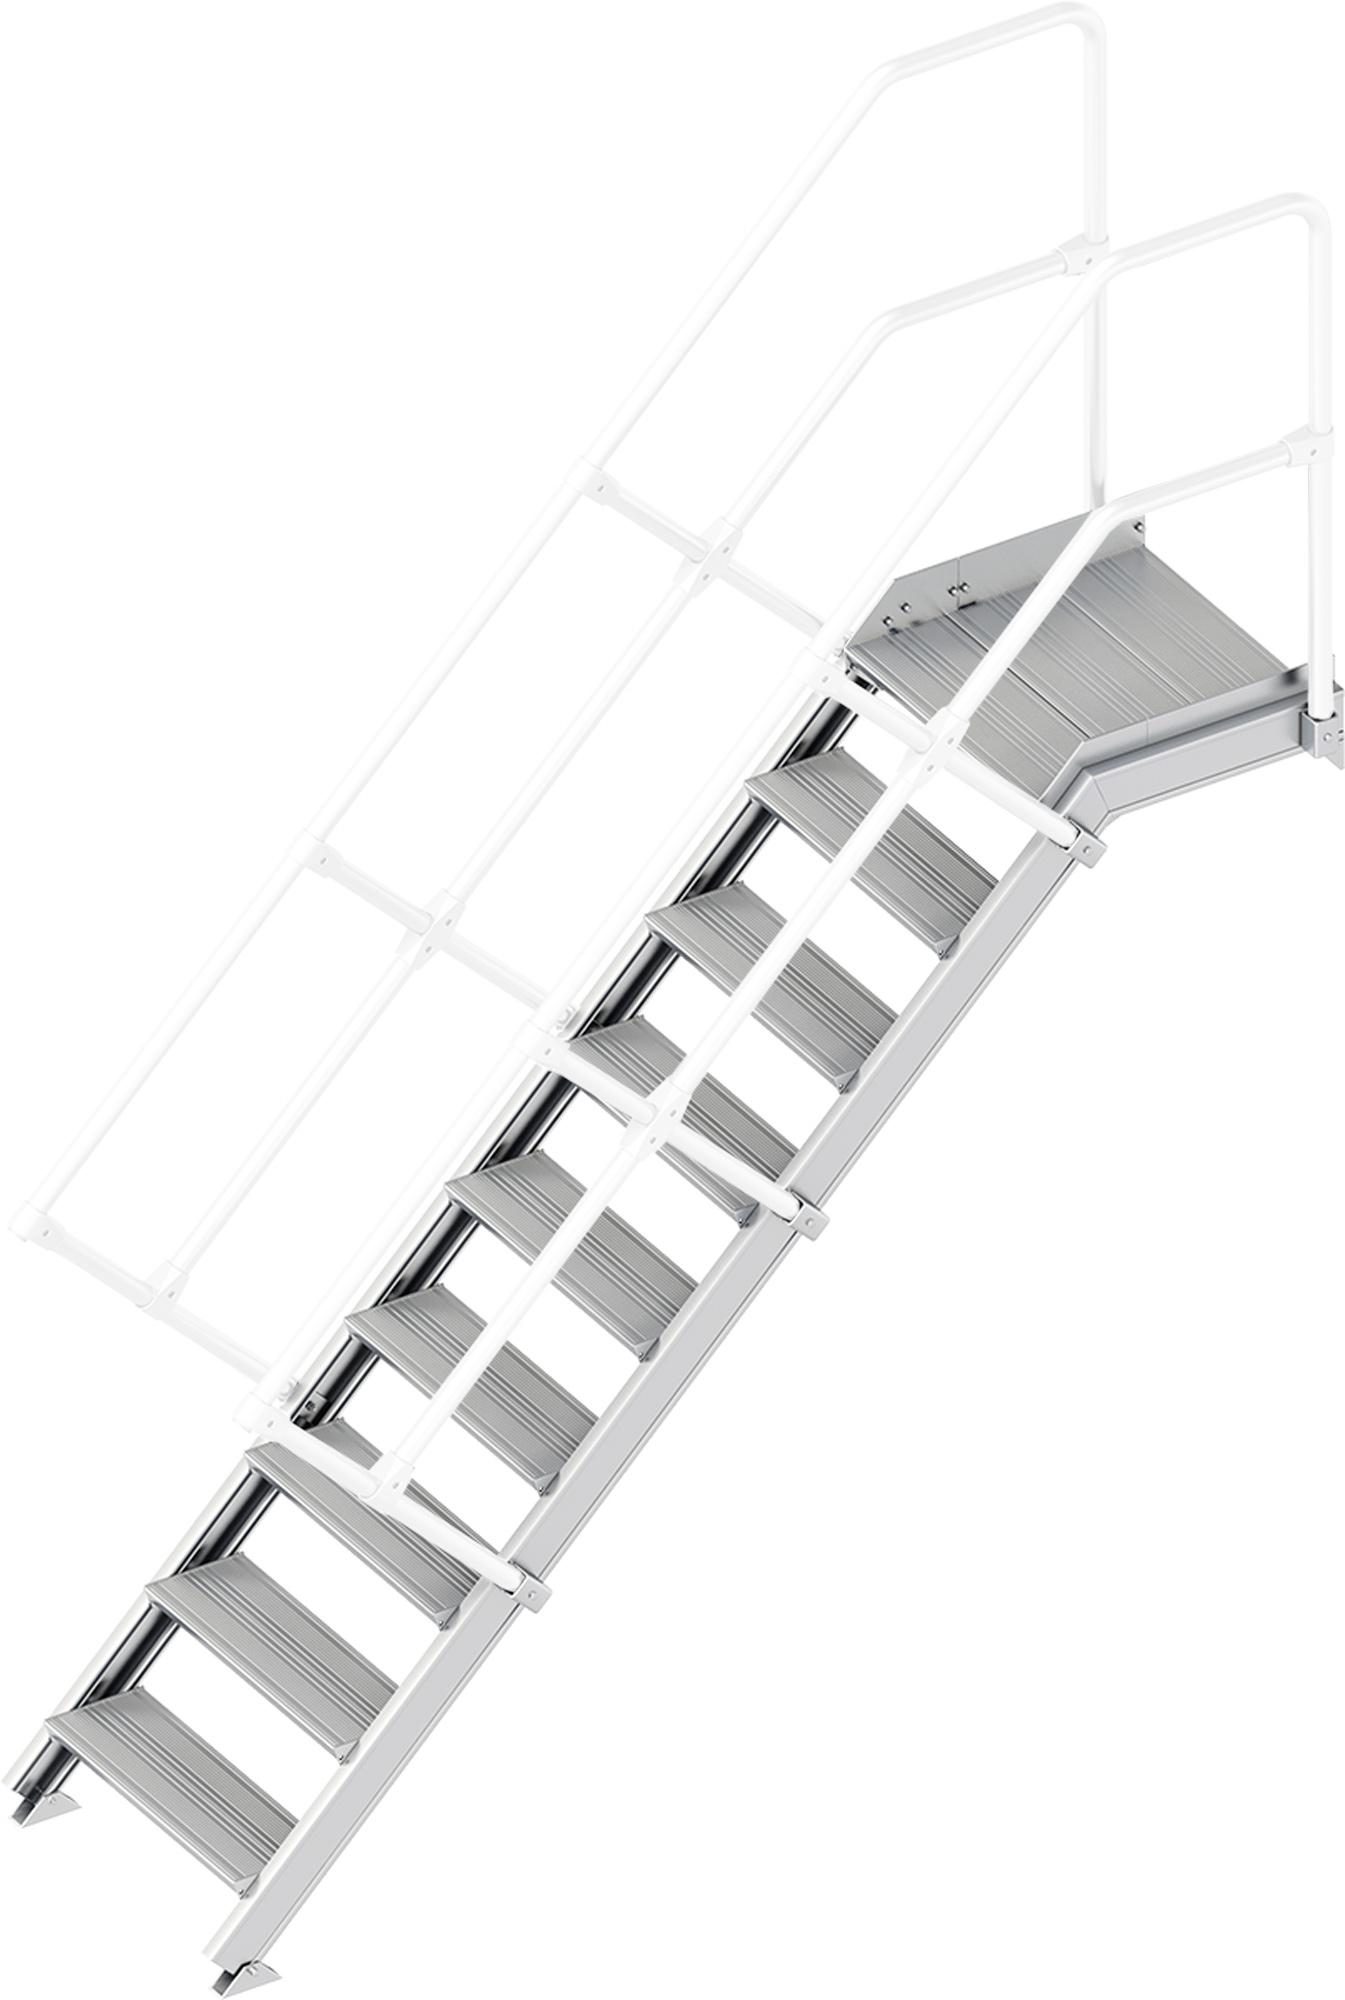 Layher Plattformtreppe 45° 9 Stufen - 600 mm breit